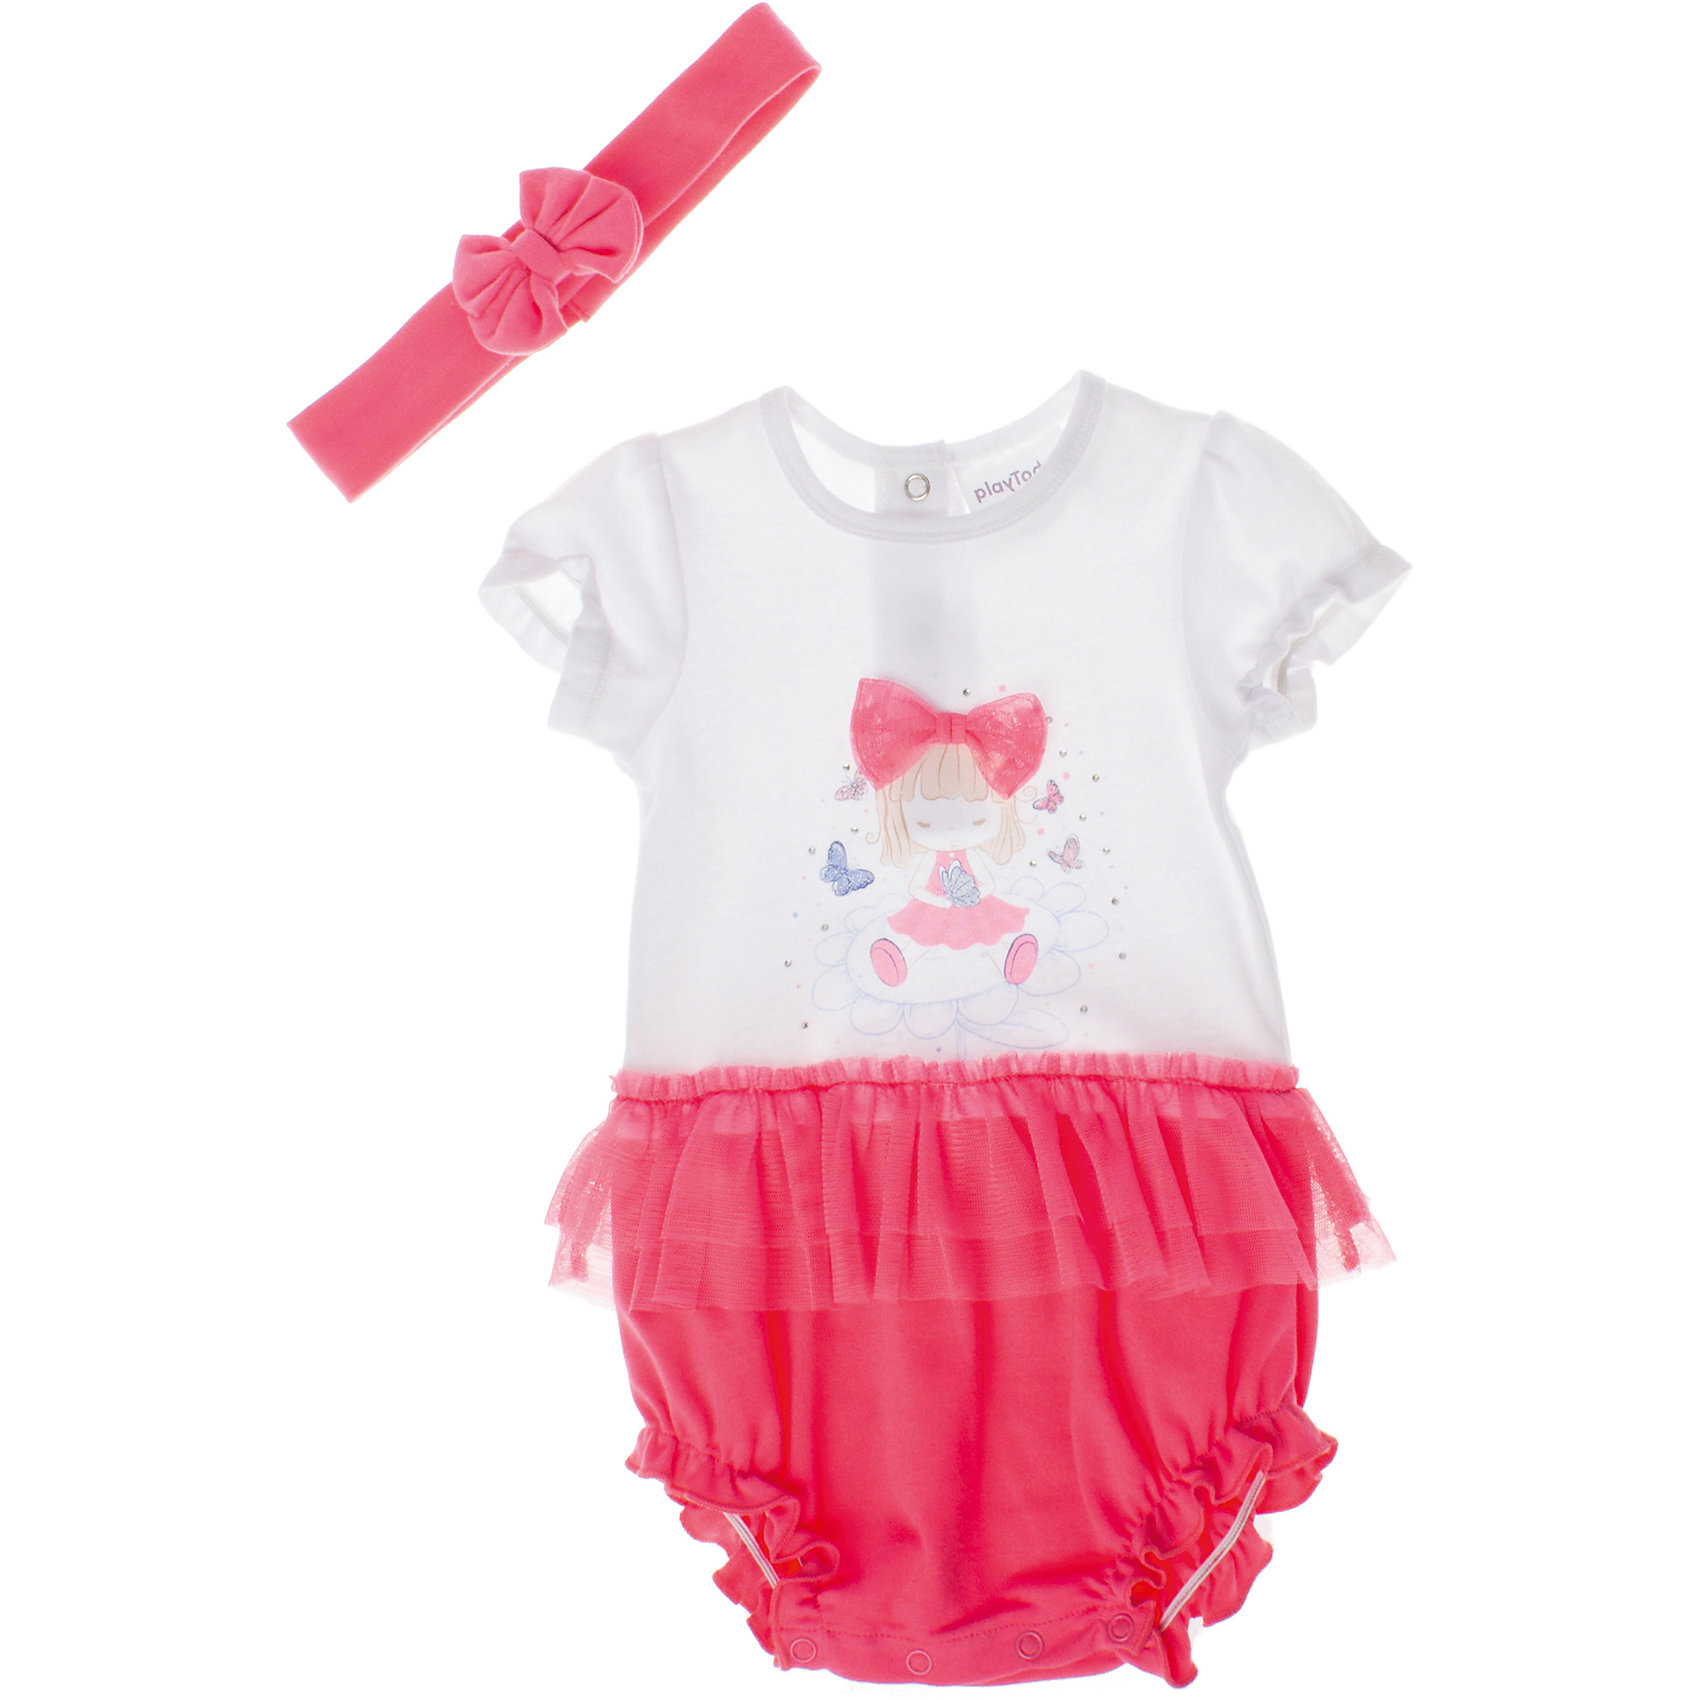 Комплект: боди и повязка для девочки PlayTodayКомплекты<br>Комплект: боди и повязка для девочки PlayToday <br><br>Состав: 100% хлопок <br><br>Мягкое боди с юбкой.<br>Застегивается на кнопки снизу и на спинке.<br>Маленькая сетчатая юбка притачена к боди.<br>Рукава и низ на резинке.<br>На груди водный принт и глиттер.<br>В комплекте повязка с бантиком.<br><br>Ширина мм: 157<br>Глубина мм: 13<br>Высота мм: 119<br>Вес г: 200<br>Цвет: розовый<br>Возраст от месяцев: 0<br>Возраст до месяцев: 3<br>Пол: Женский<br>Возраст: Детский<br>Размер: 56,68,74,62<br>SKU: 4503303